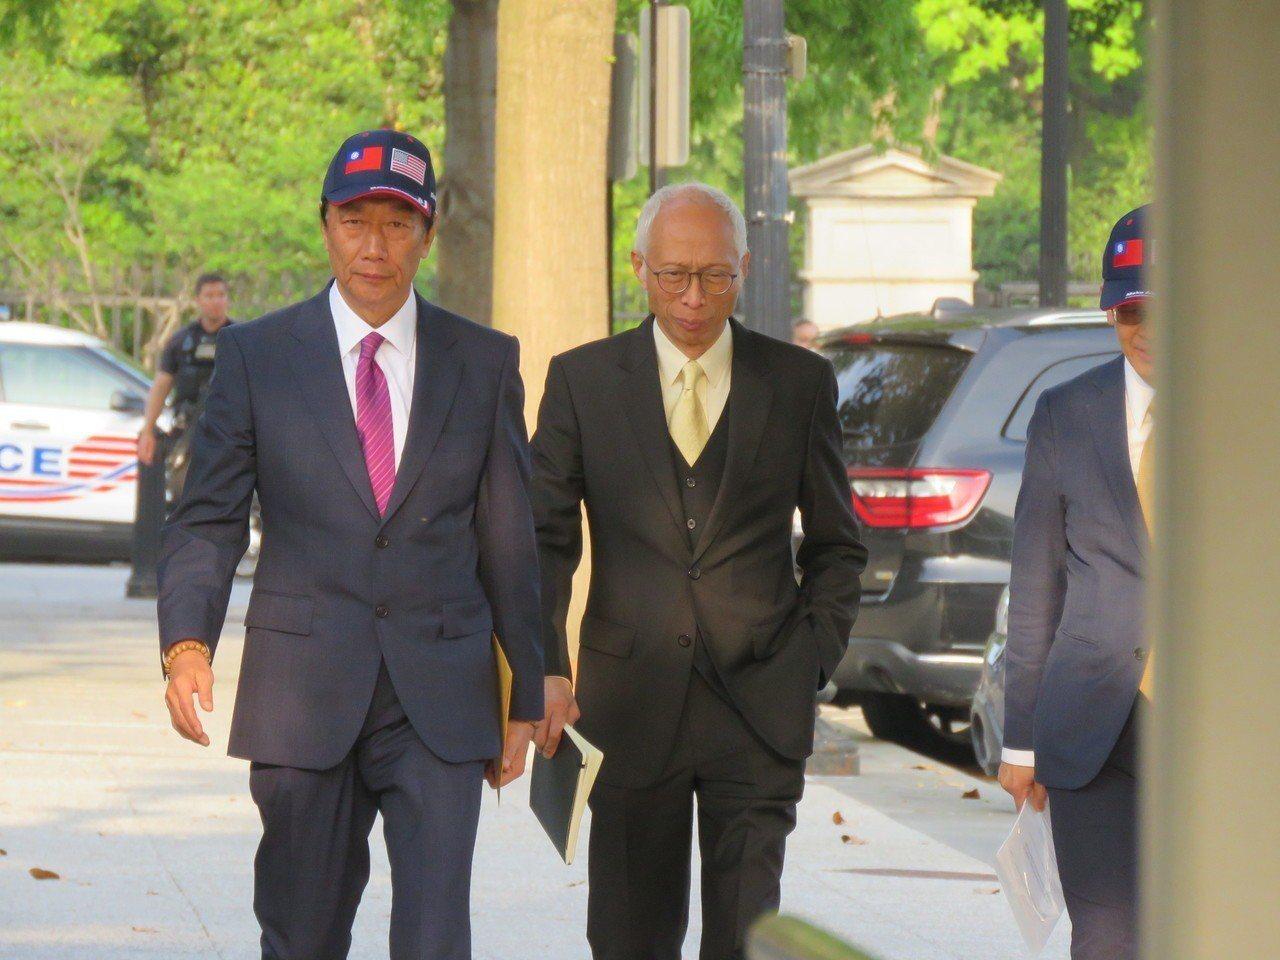 鴻海董事長郭台銘(左)於美東時間1日入白宮拜會美國總統川普,會談約50分鐘後步出...